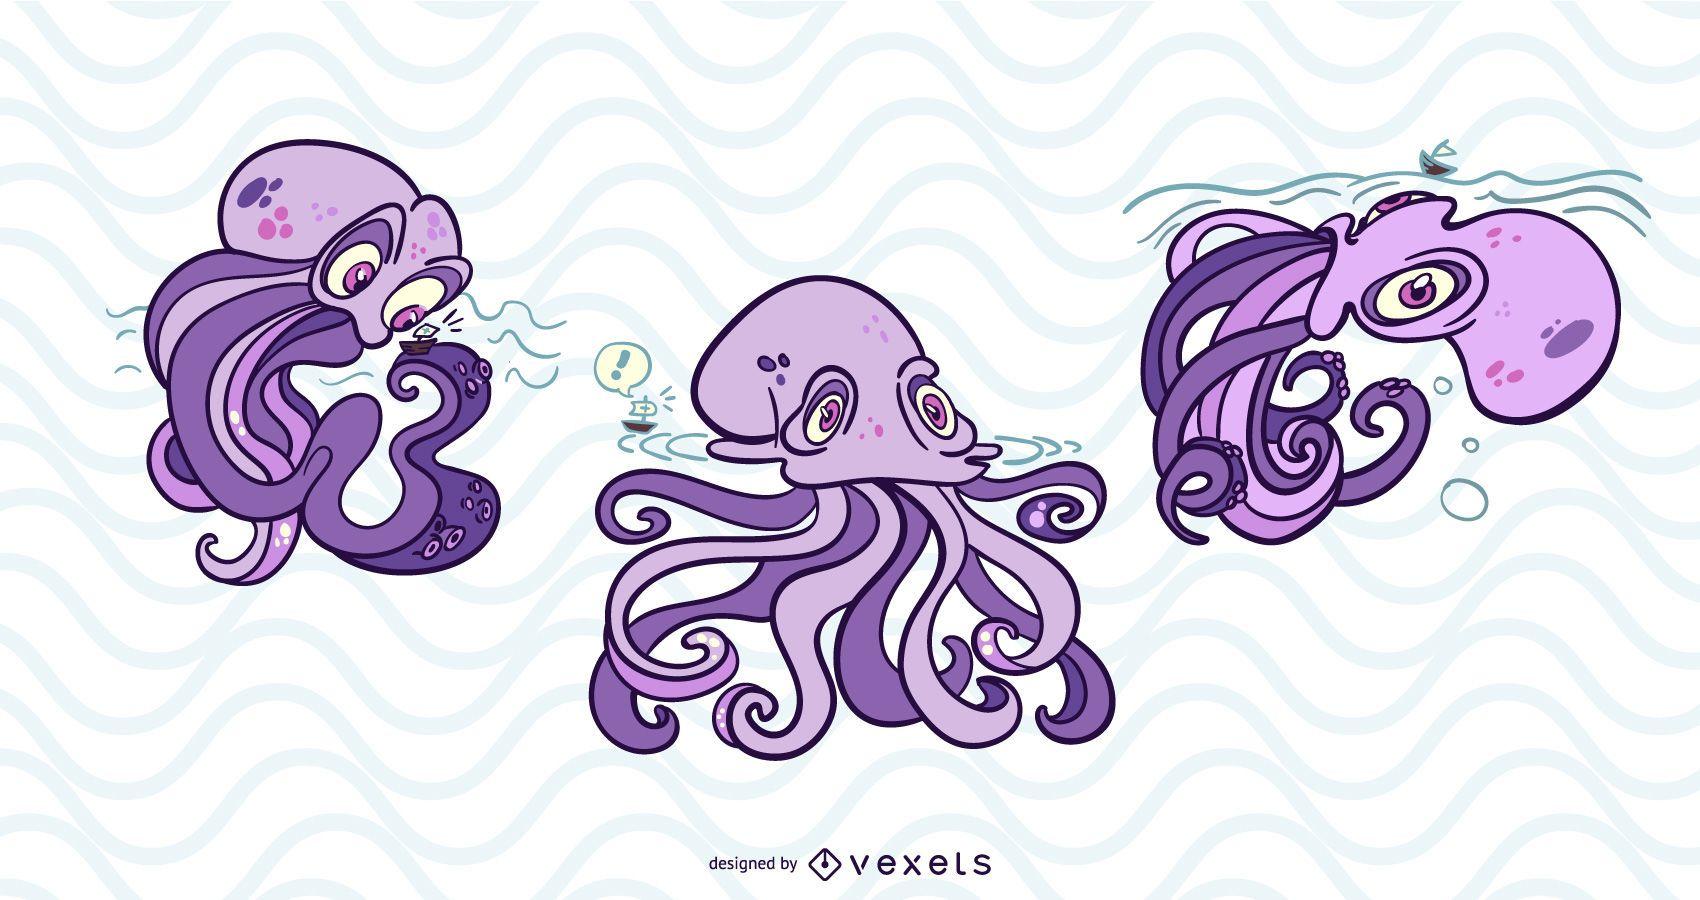 Kraken Monster Illustration Set